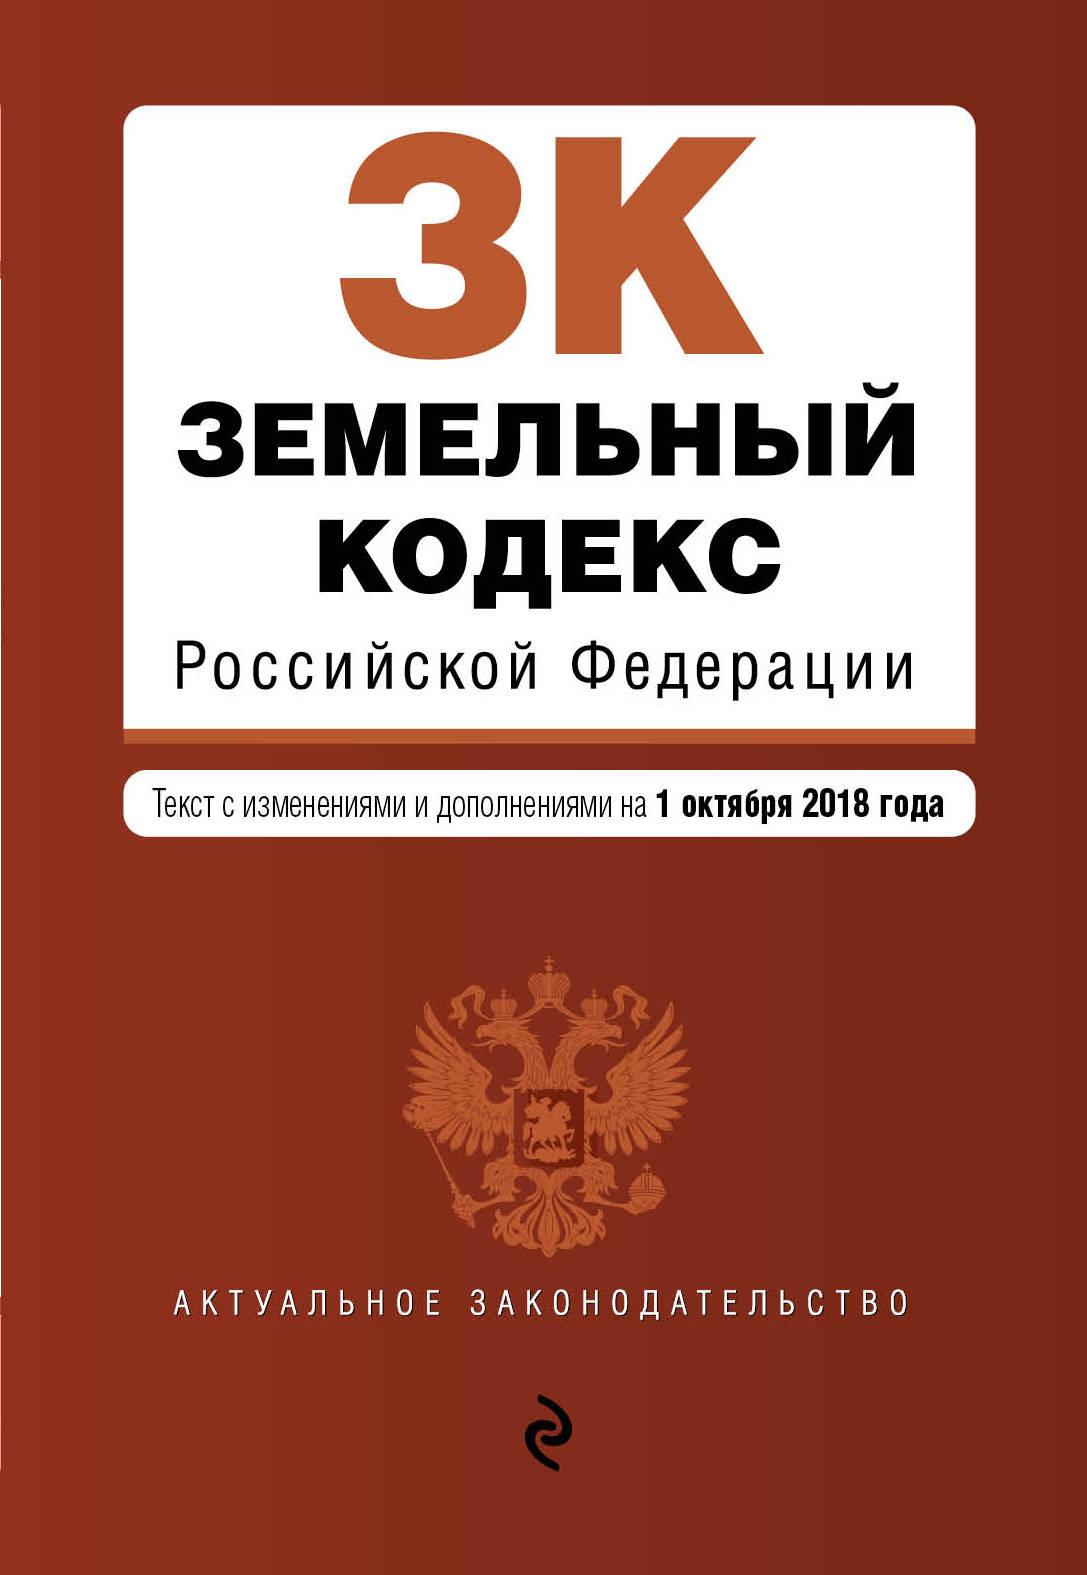 Земельный кодекс Российской Федерации. Текст с изменениями и дополнениями на 1 октября 2018 г.